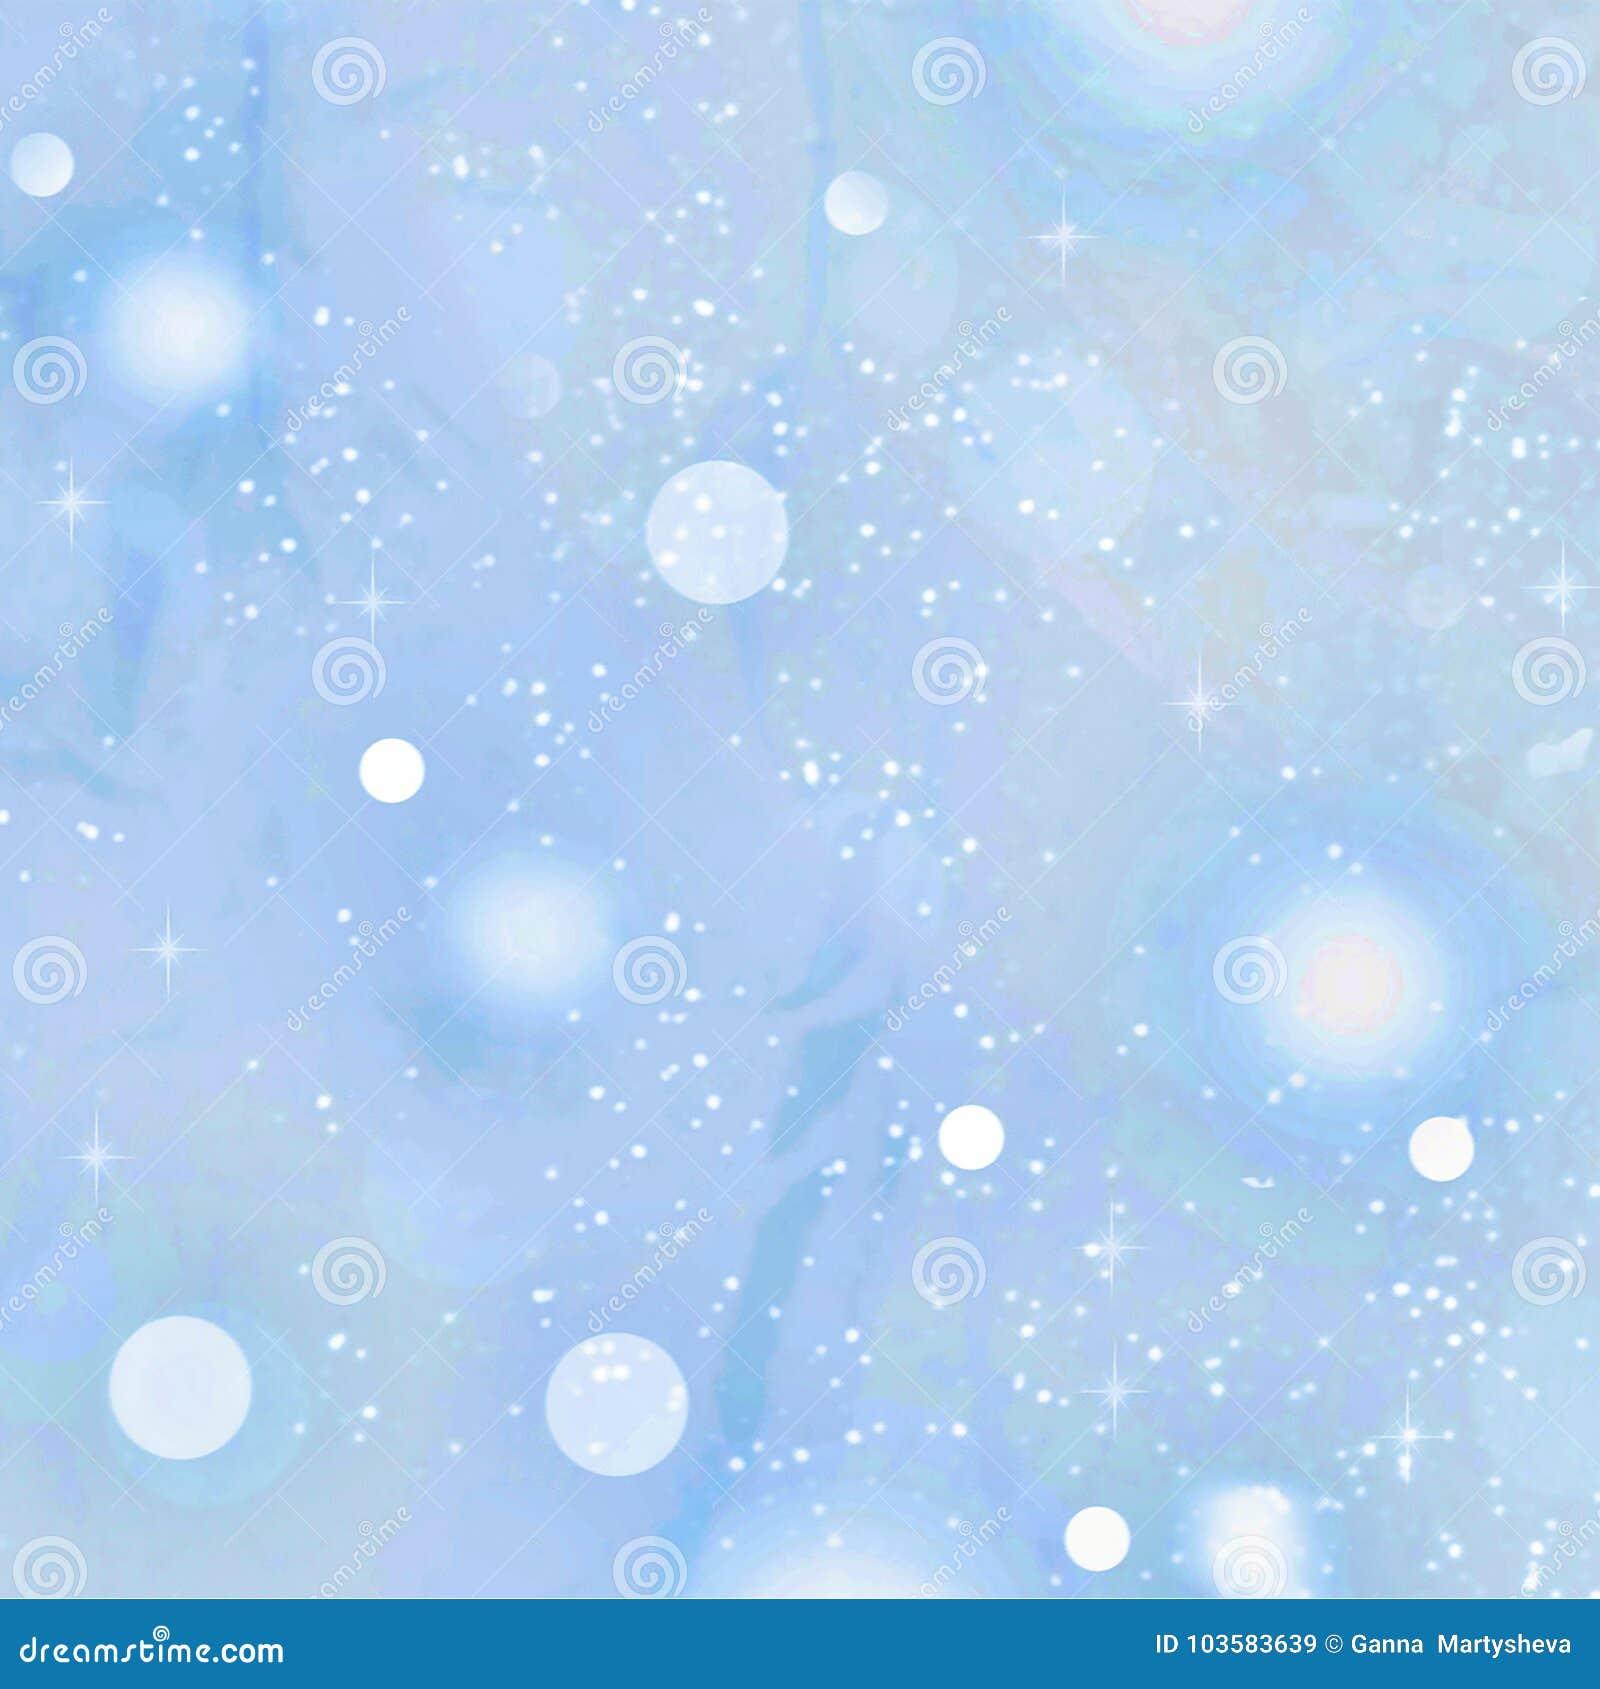 Nieuw jaar Kerstmis Zachte blauwe achtergrond met dalende sneeuw